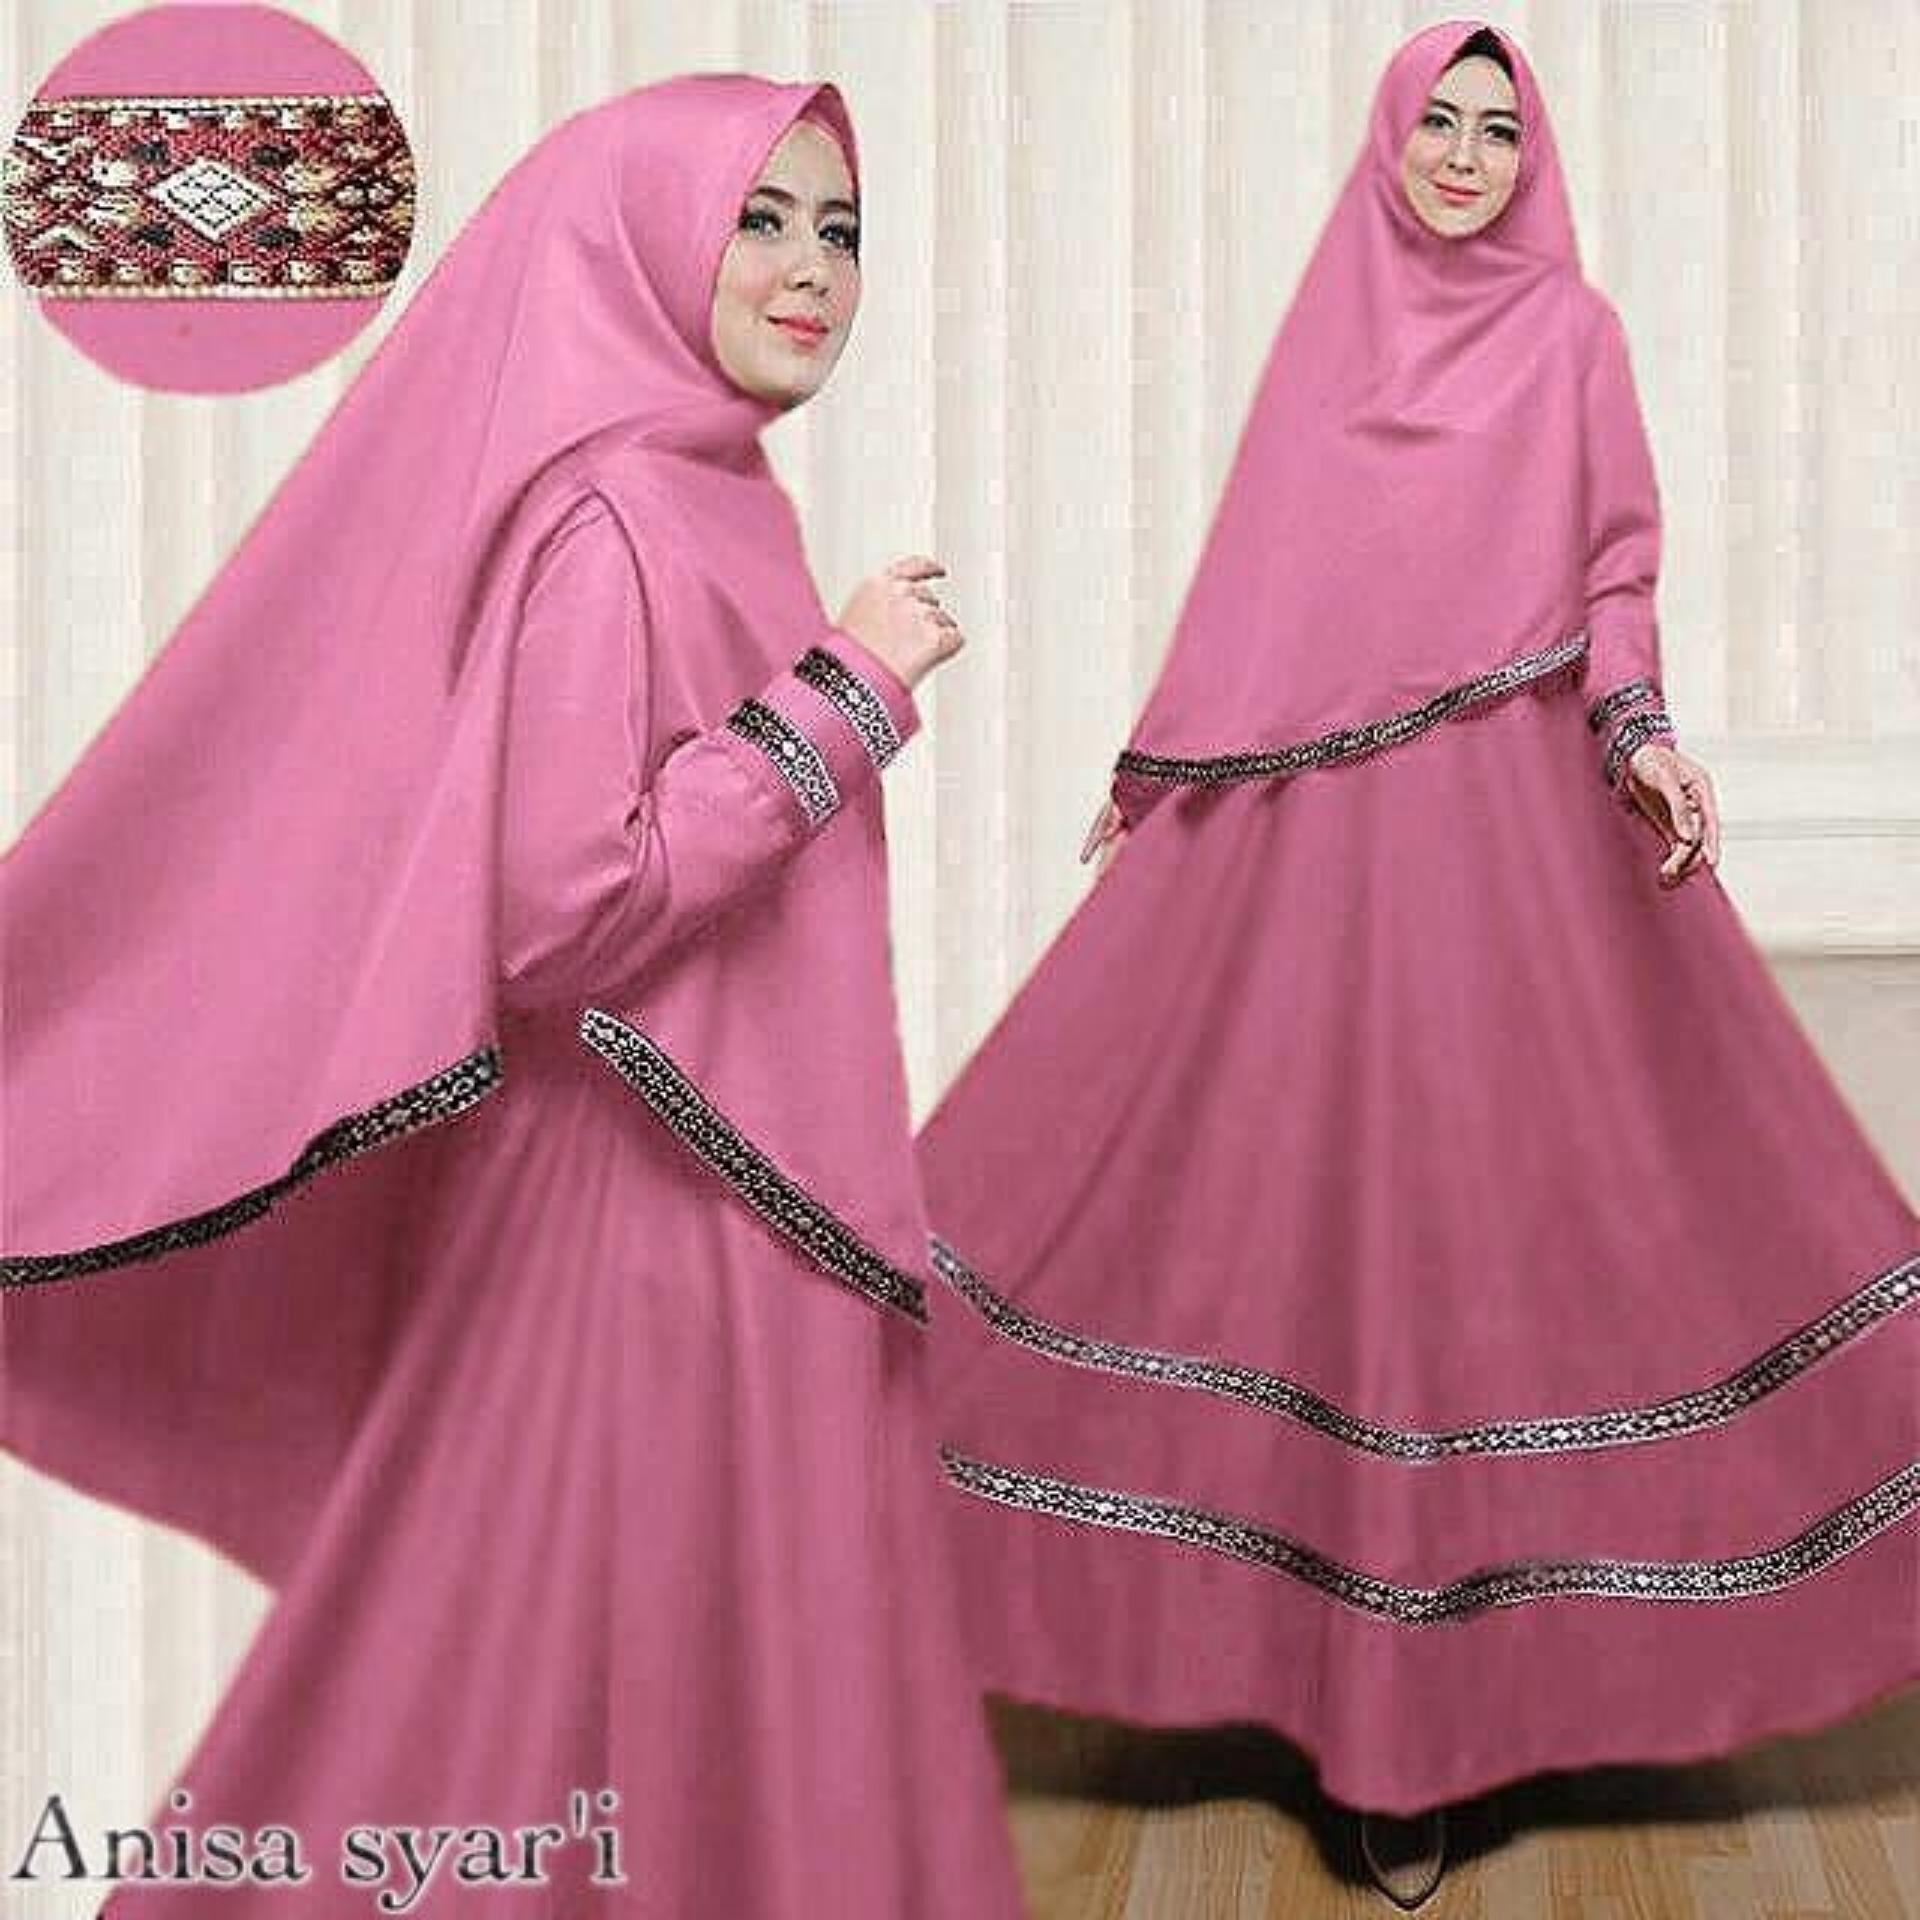 Jual Cipitih Shop Gamis Modern Syar I Wanita Muslimah Syar I Kece Gamis Kekinian Balotelly Anisa Original